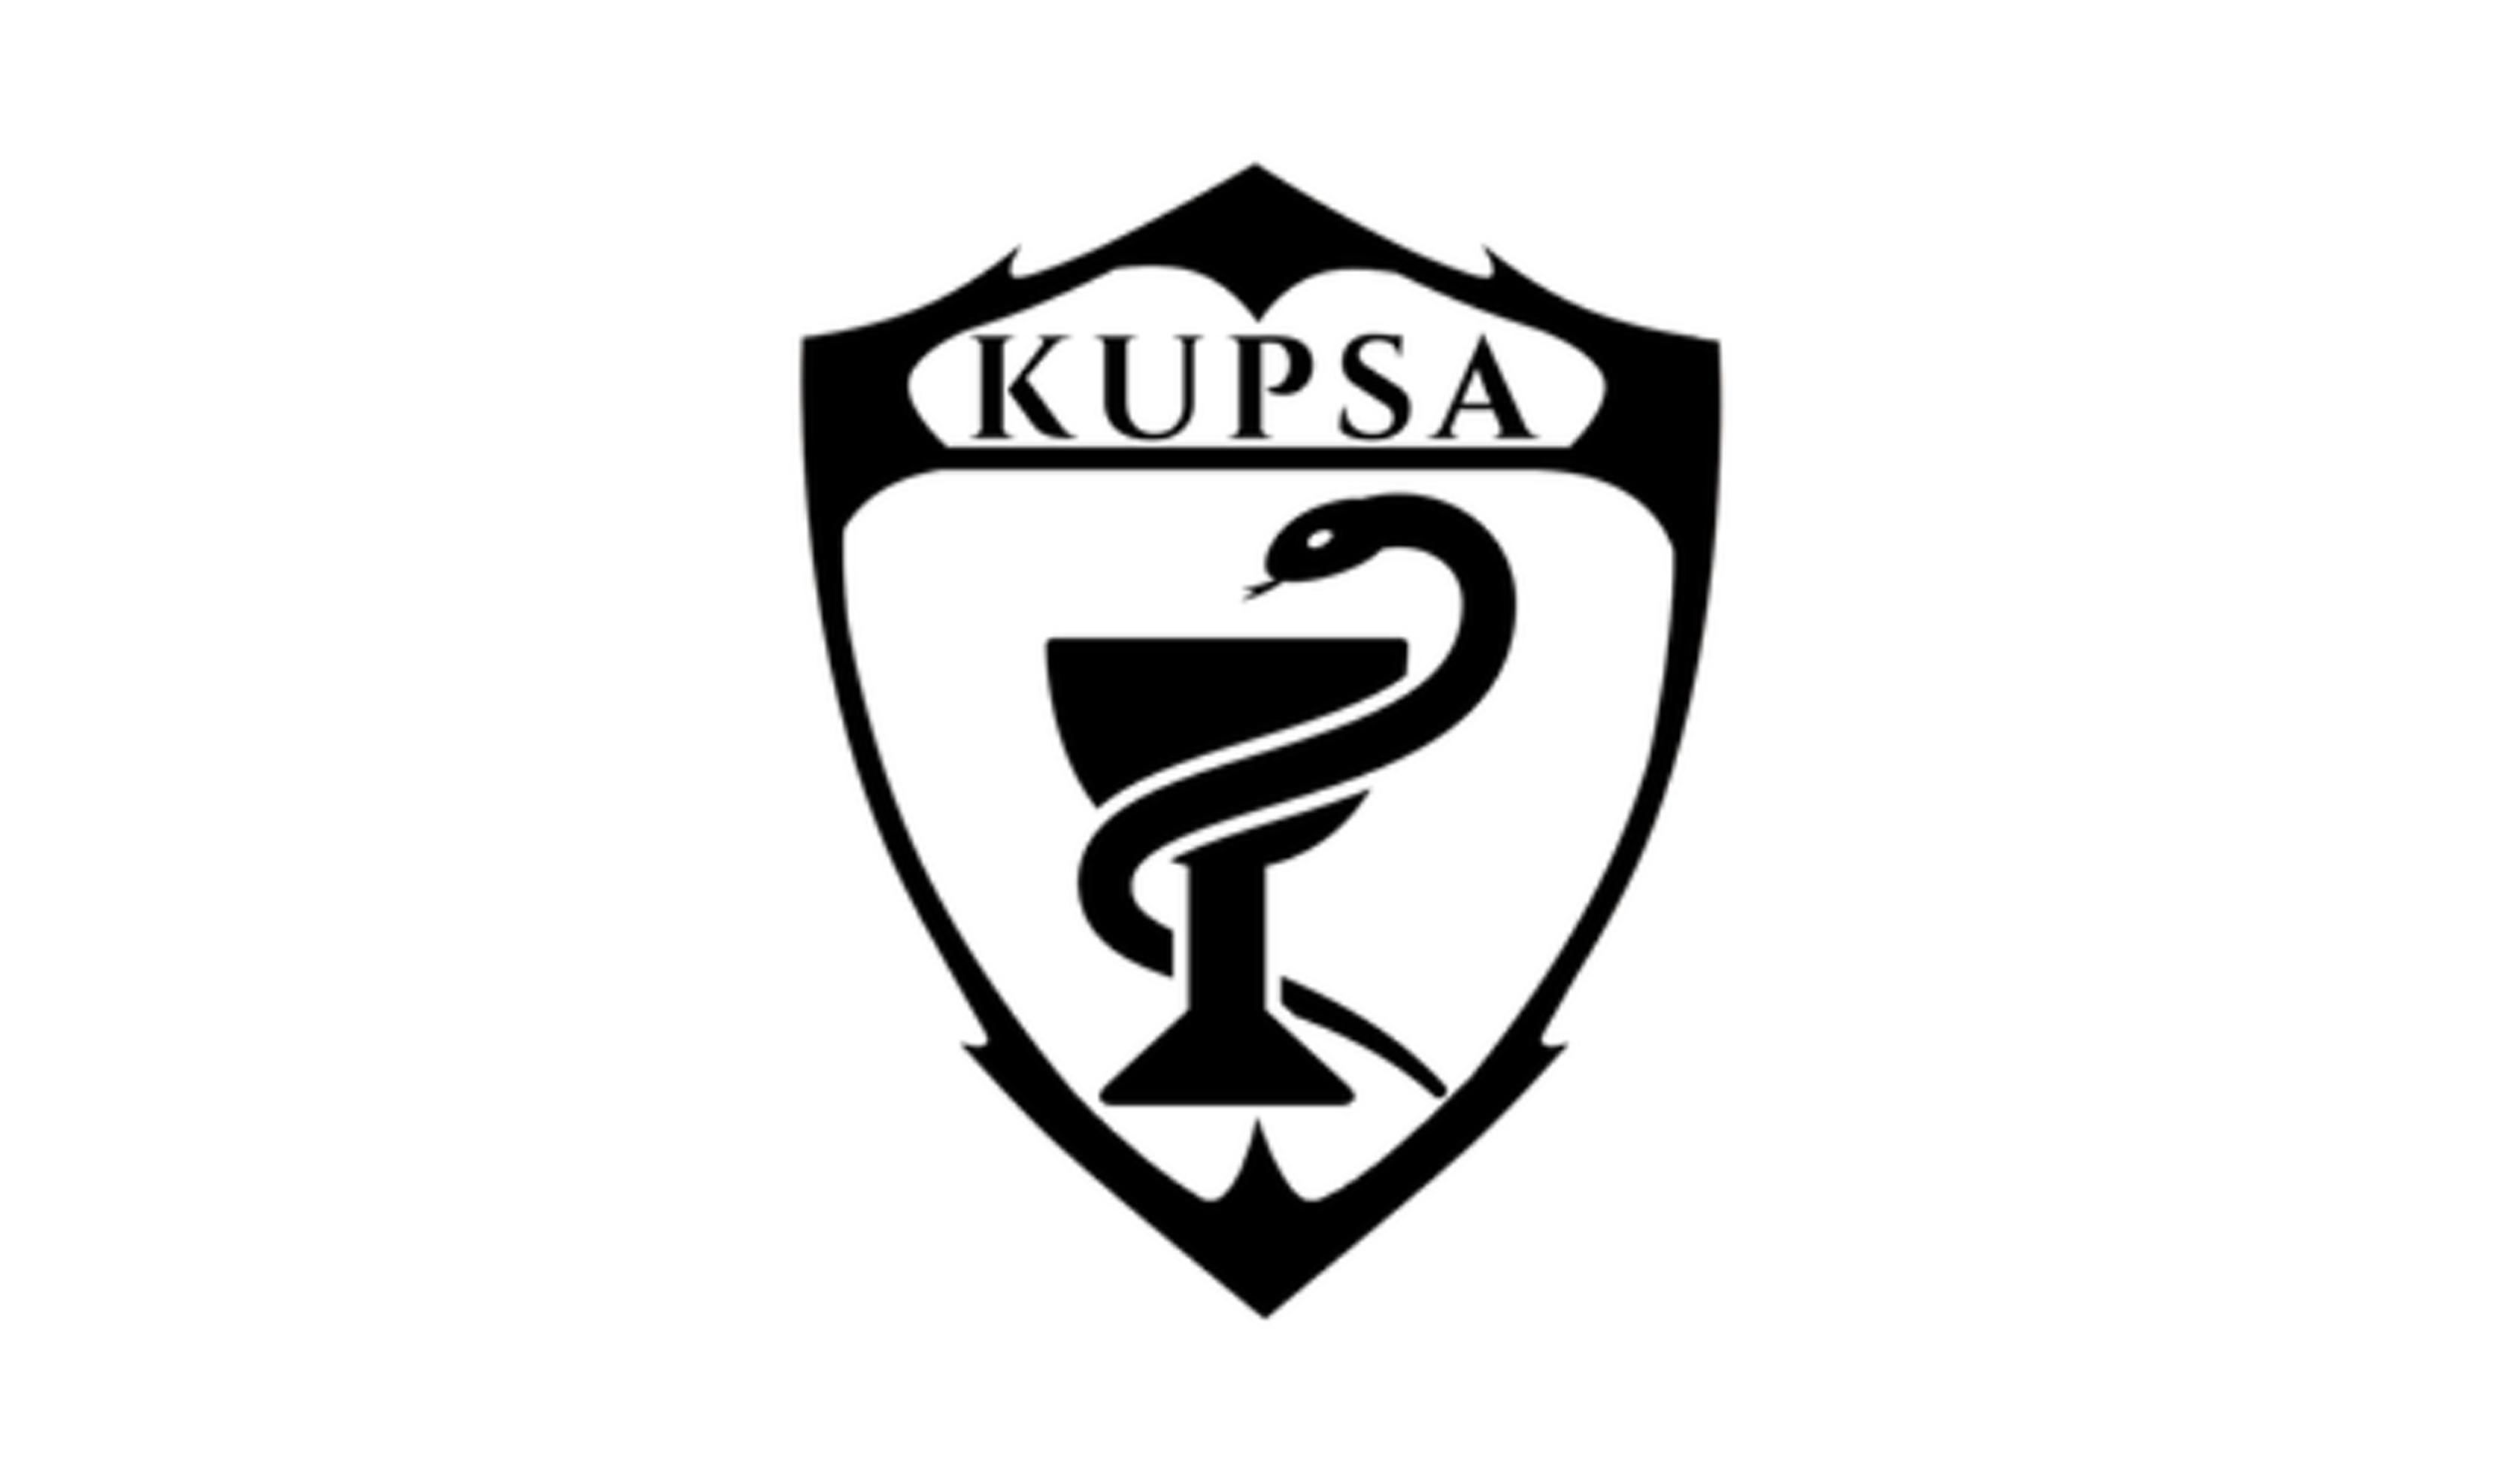 Kupsa